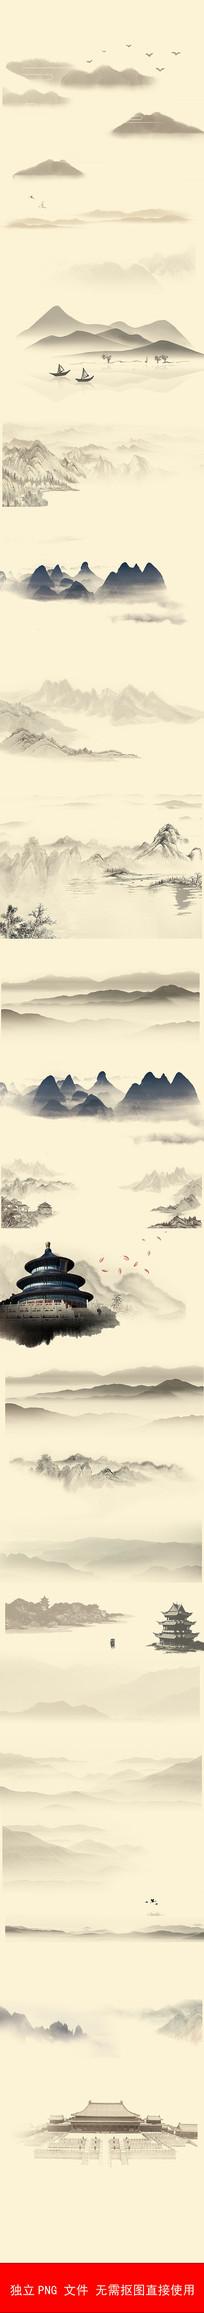 古典古风水墨山中国风背景素材